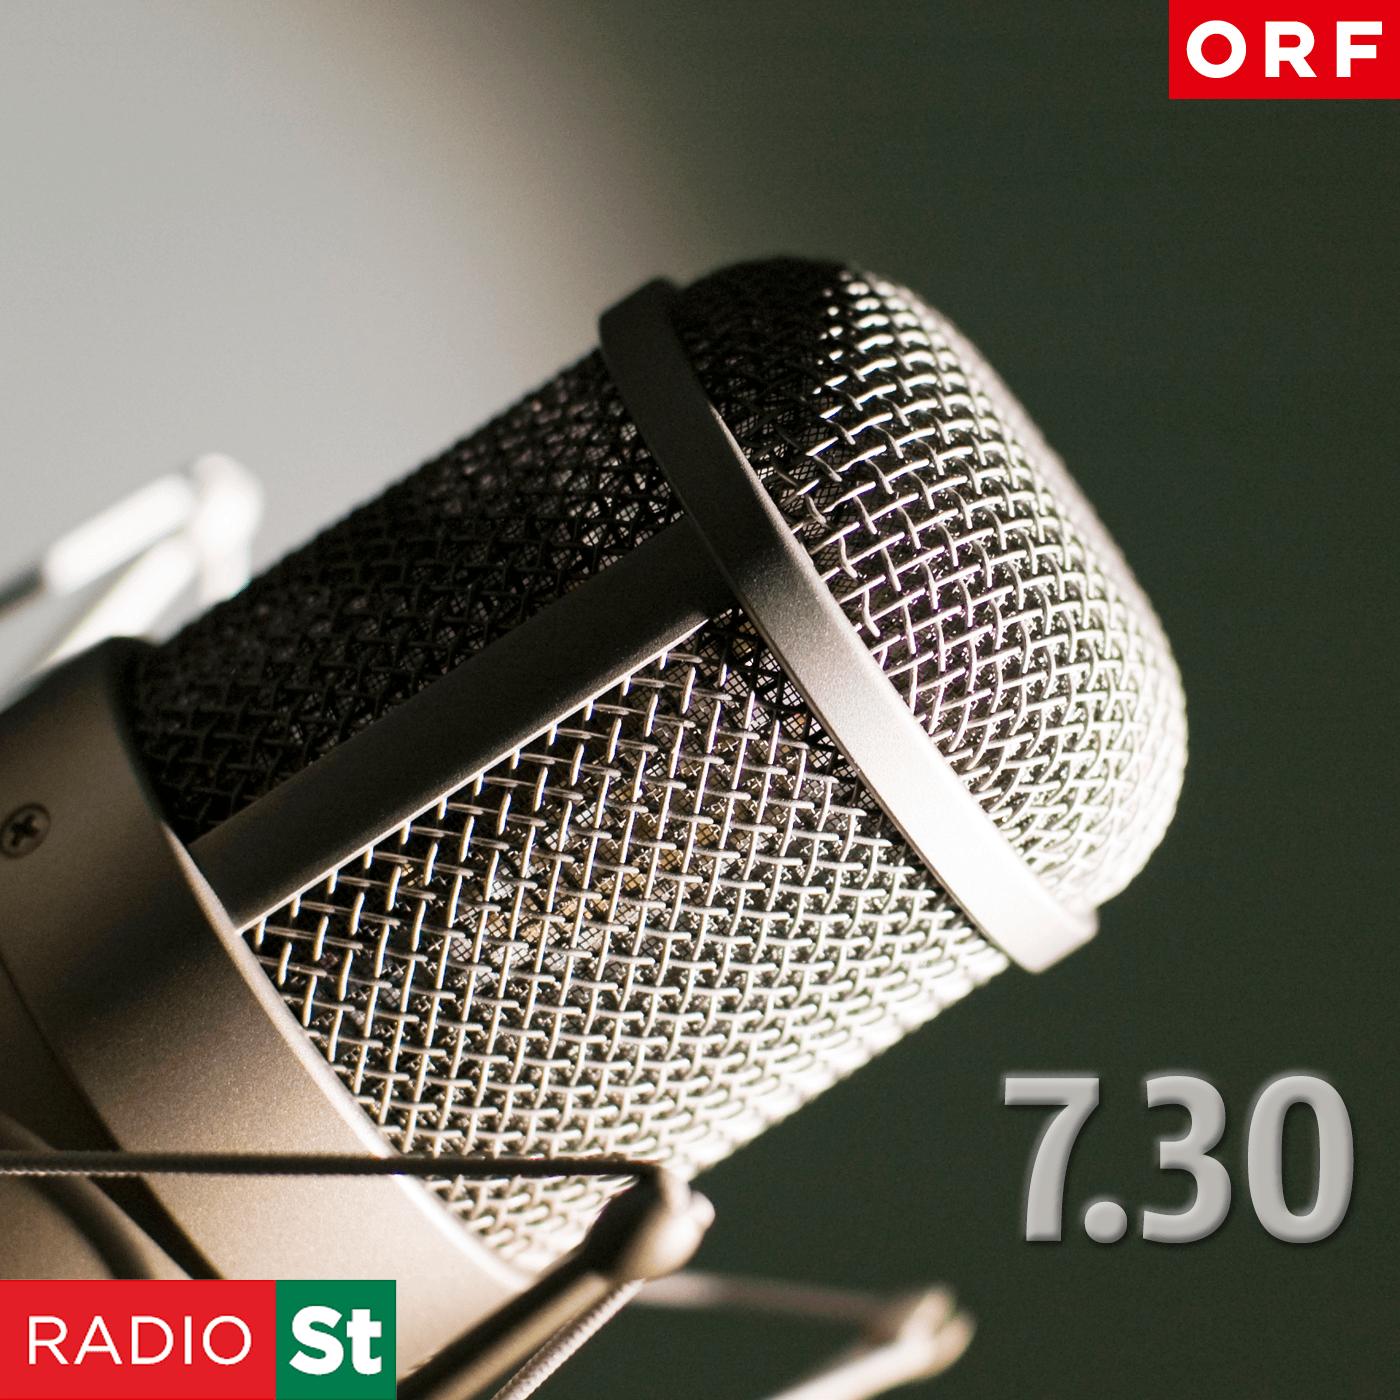 ORF Radio Steiermark - Journal um 7.30 Uhr